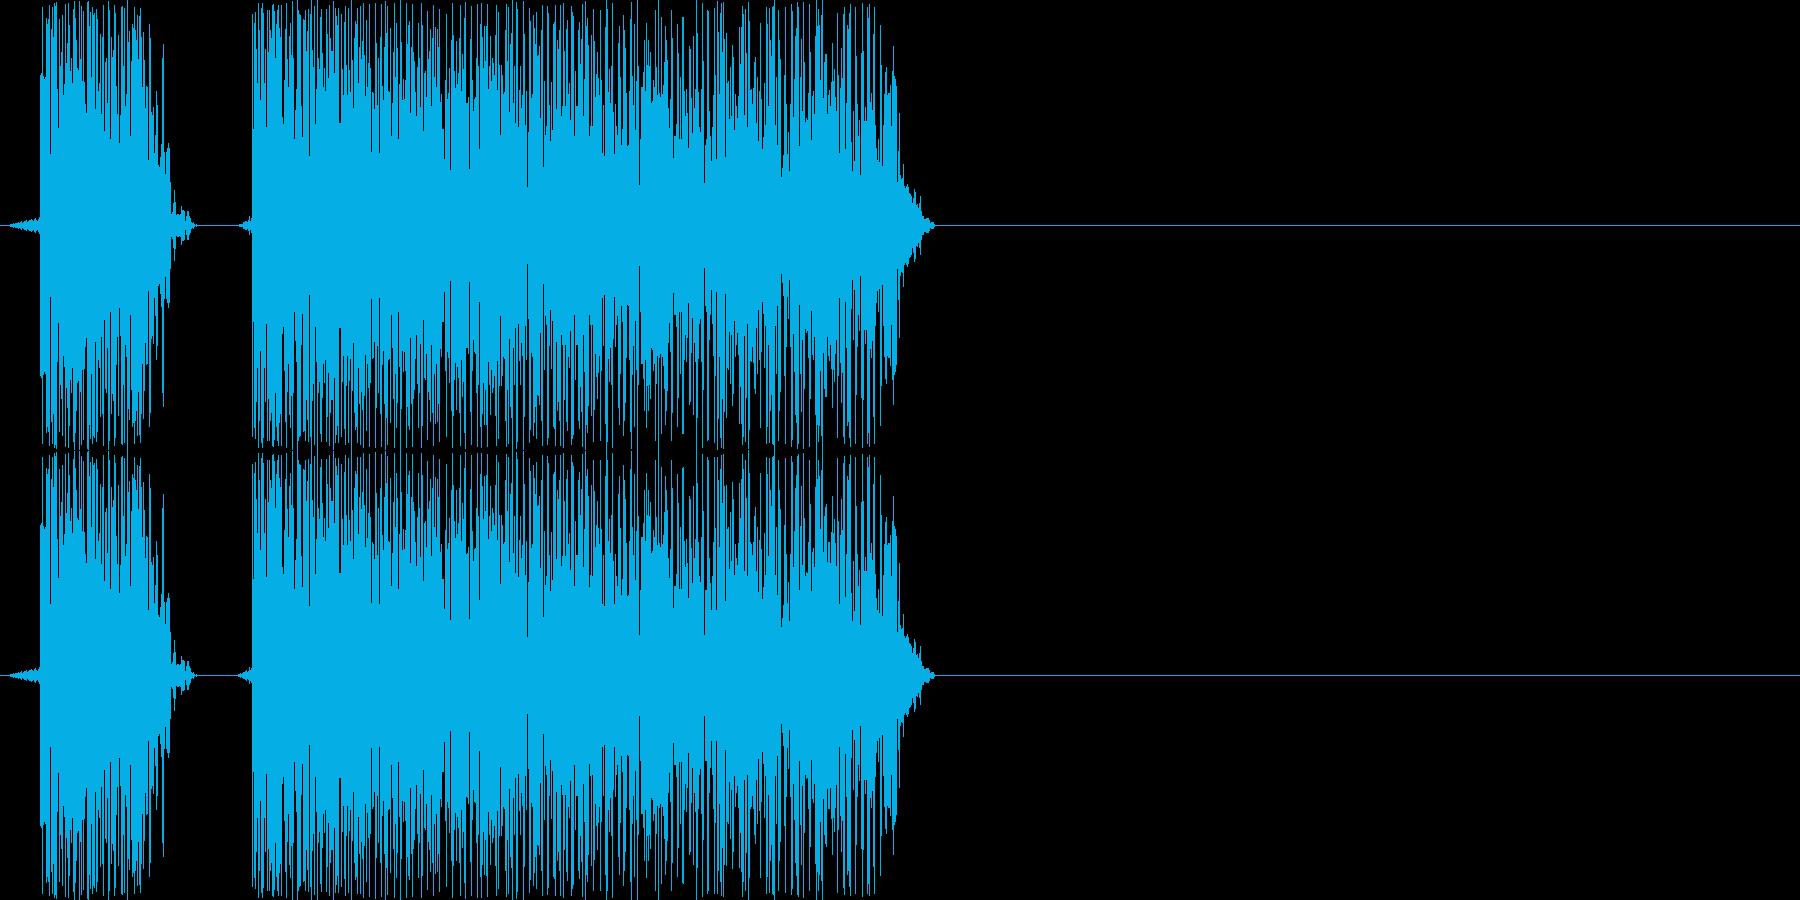 ブブー(PCやロボットのエラー音)の再生済みの波形